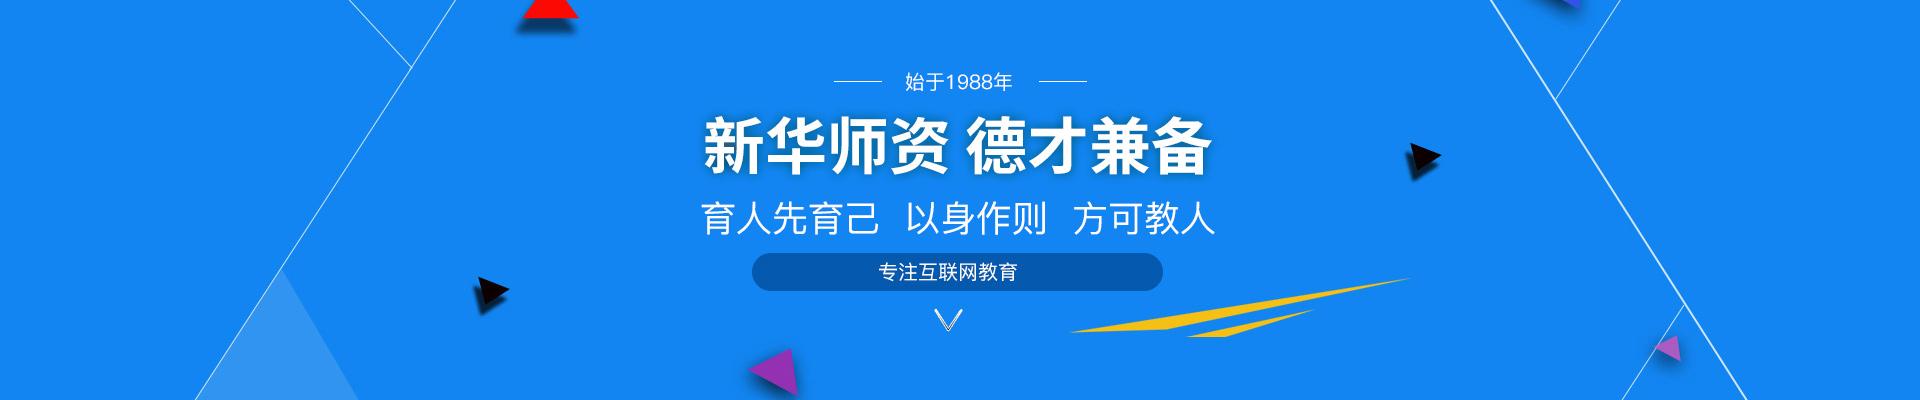 亚虎娱乐官网